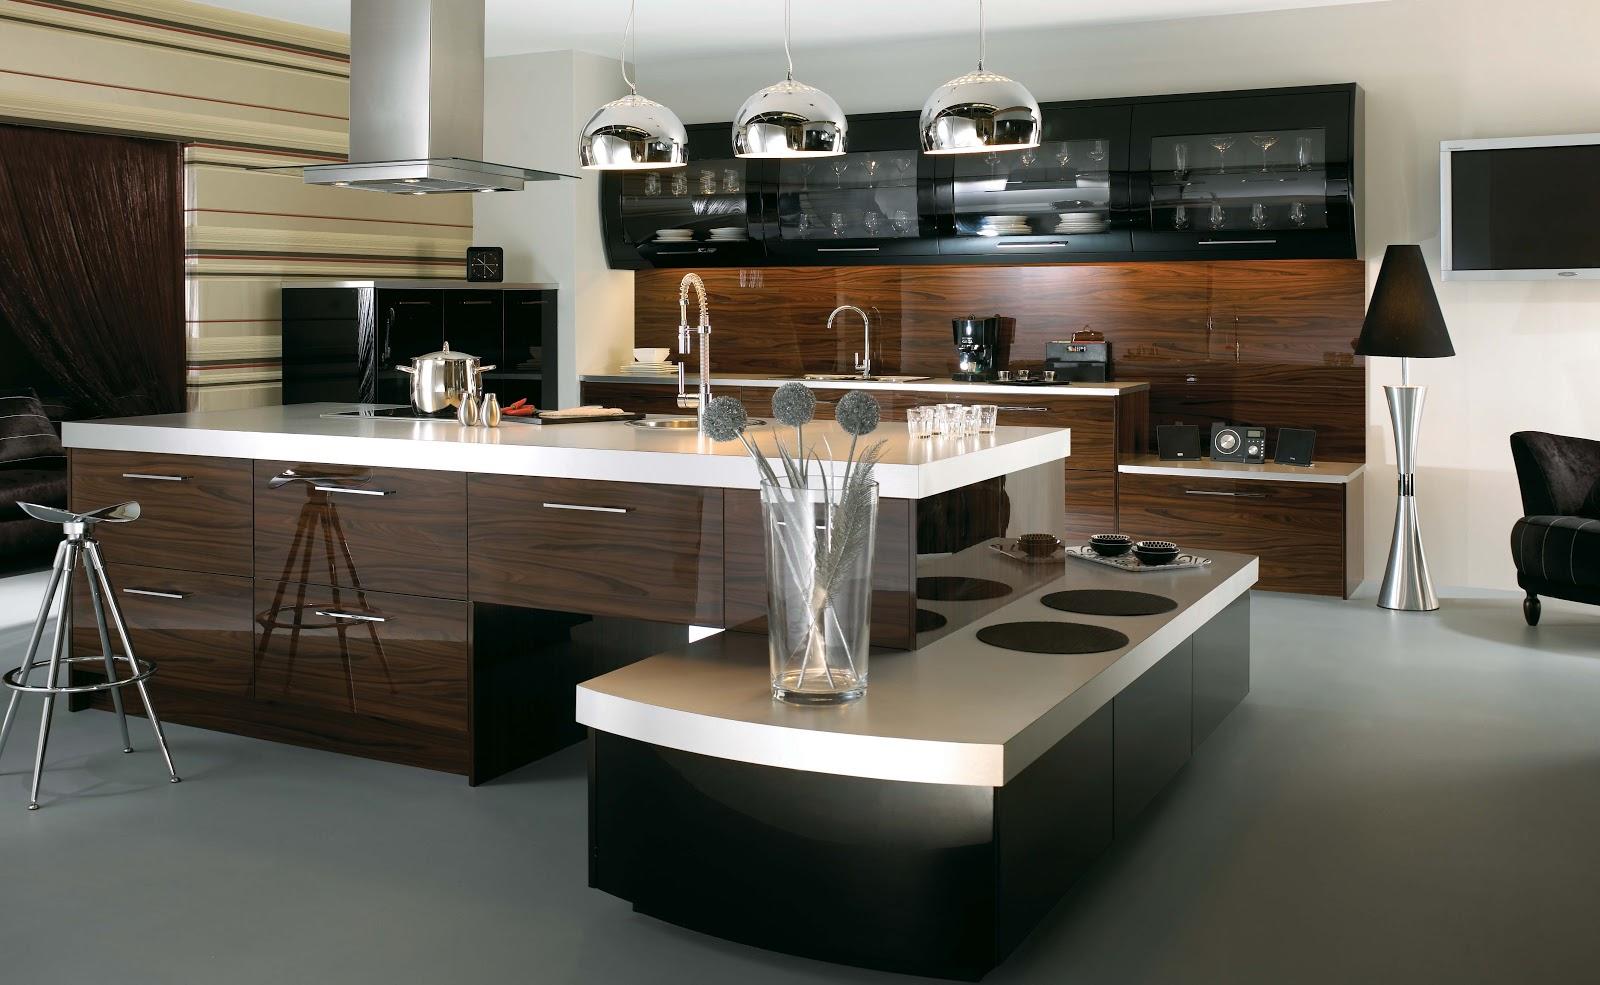 Bellitudoo luksusowe kuchnie for Luxury kitchen cabinets design